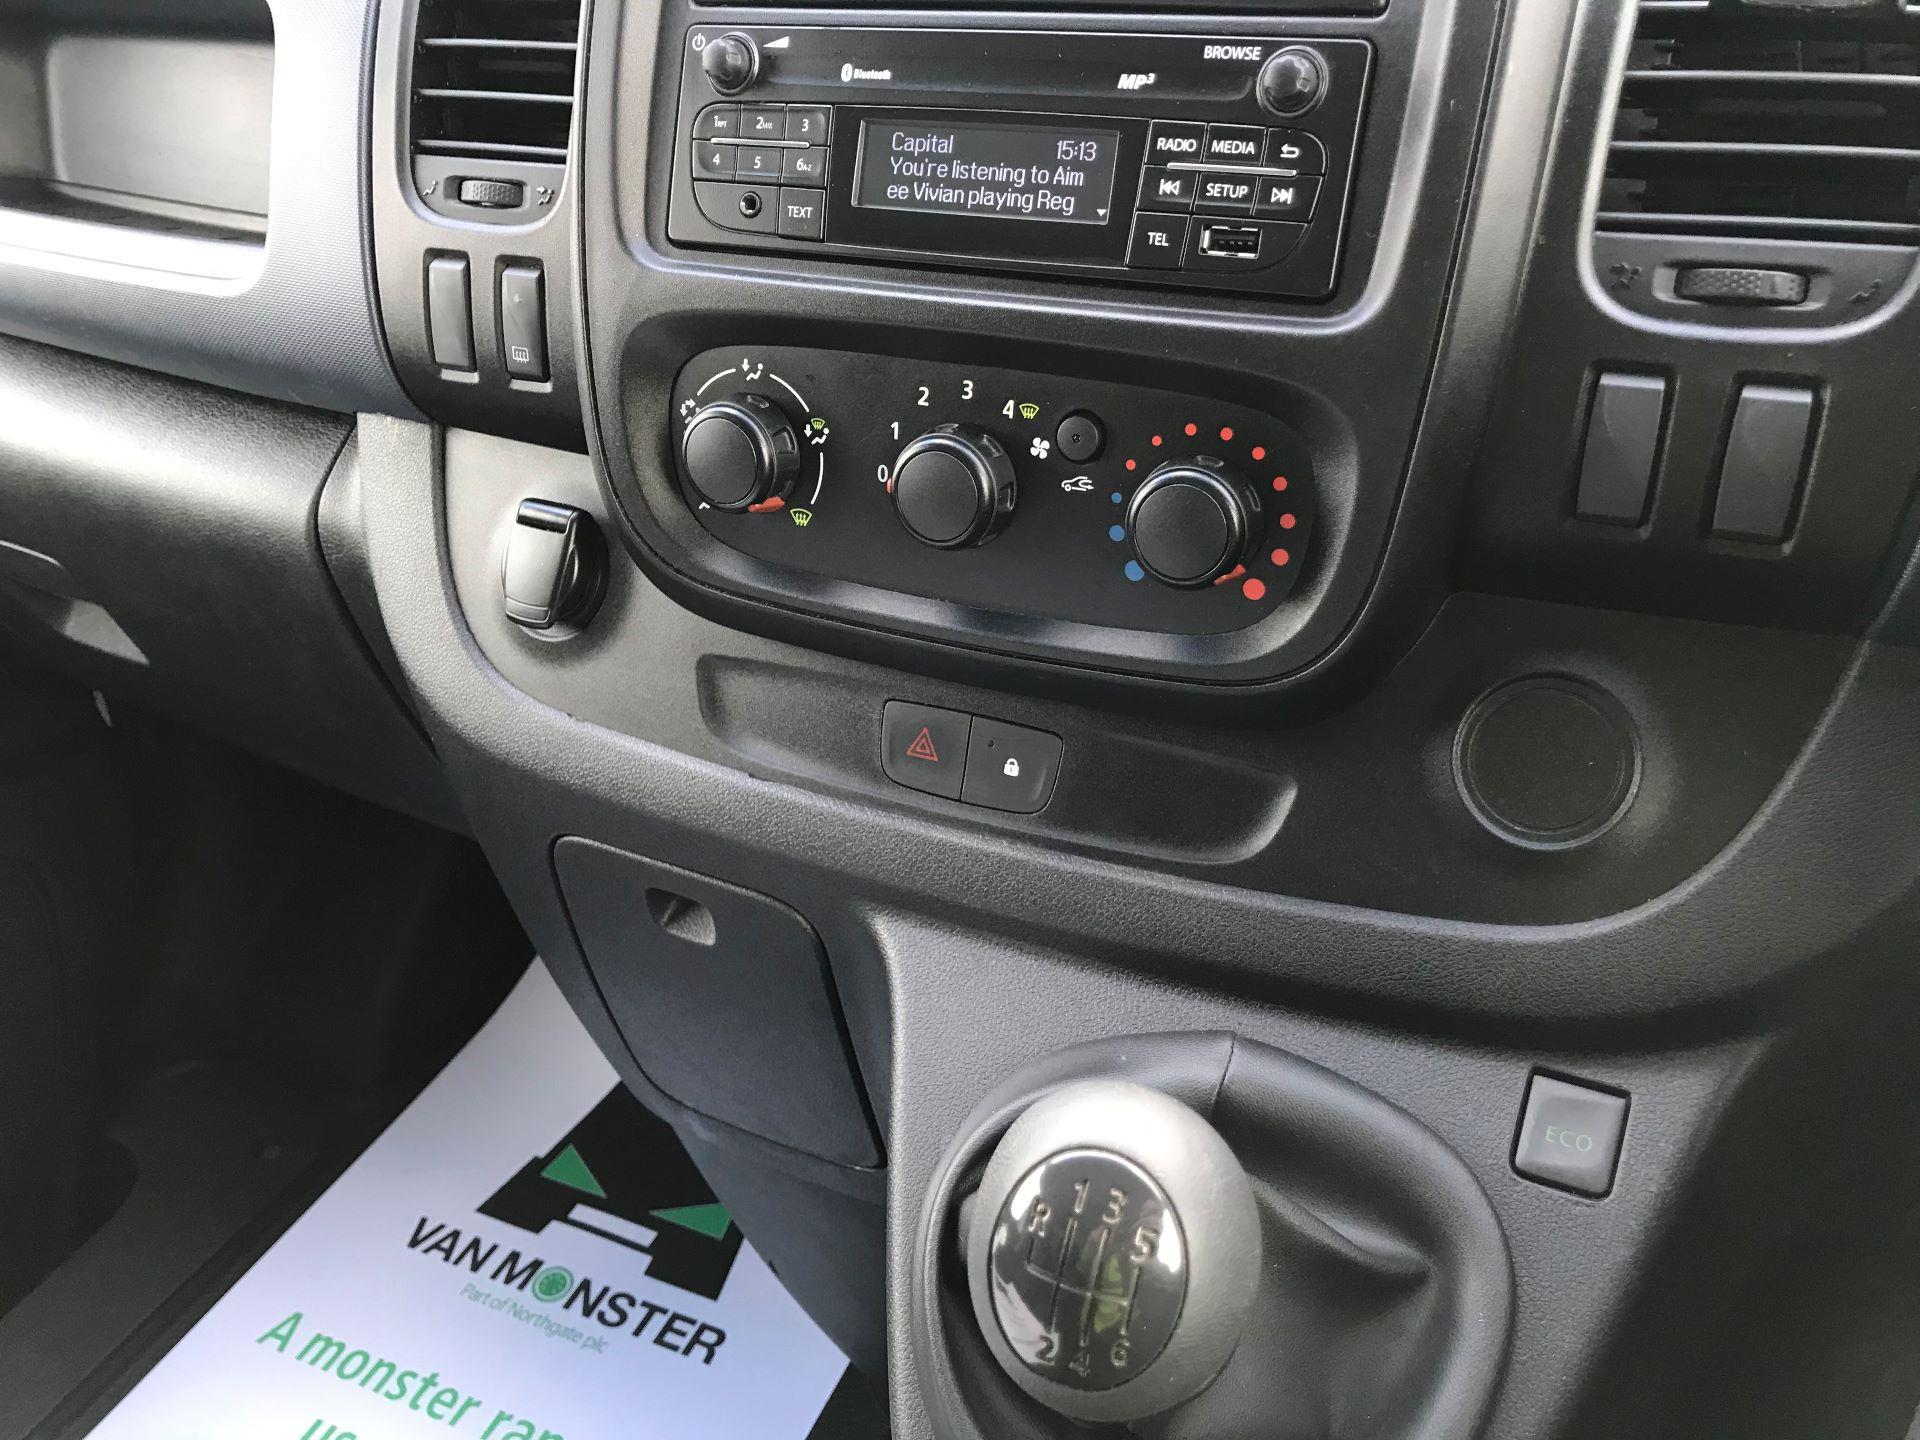 2017 Vauxhall Vivaro L2 H1 2900 1.6CDTI 120PS EURO 6 (DV67LTX) Image 26